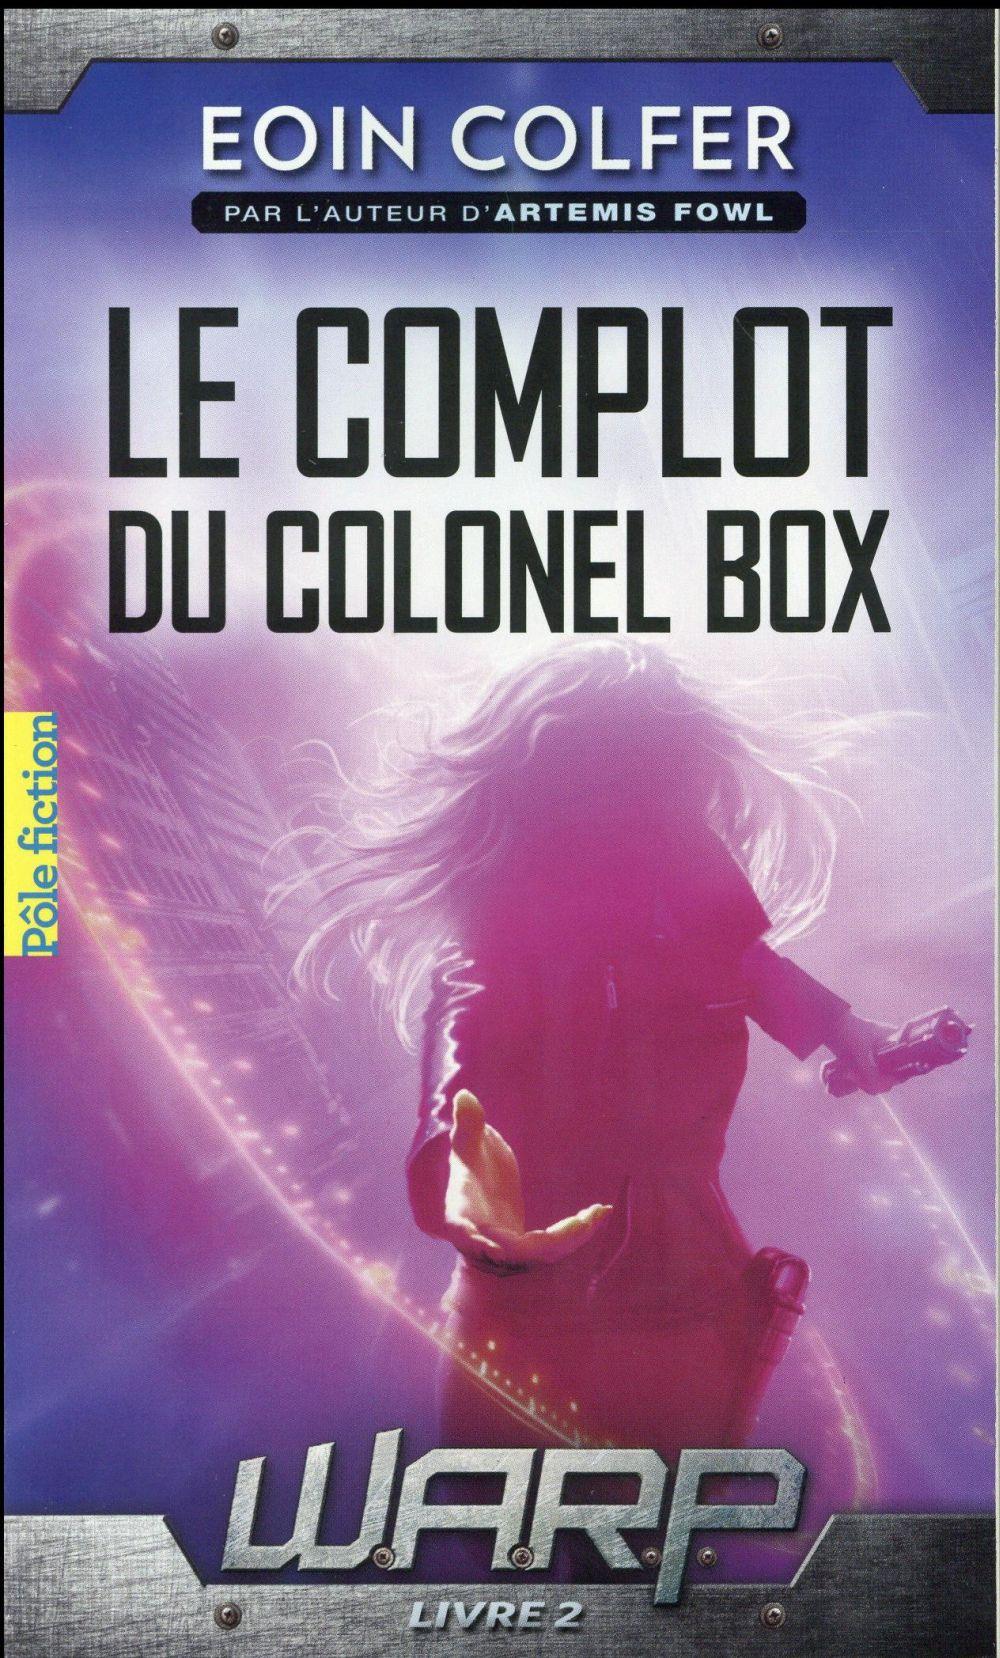 W.a.r.p. - vol02 - le complot du colonel box 2